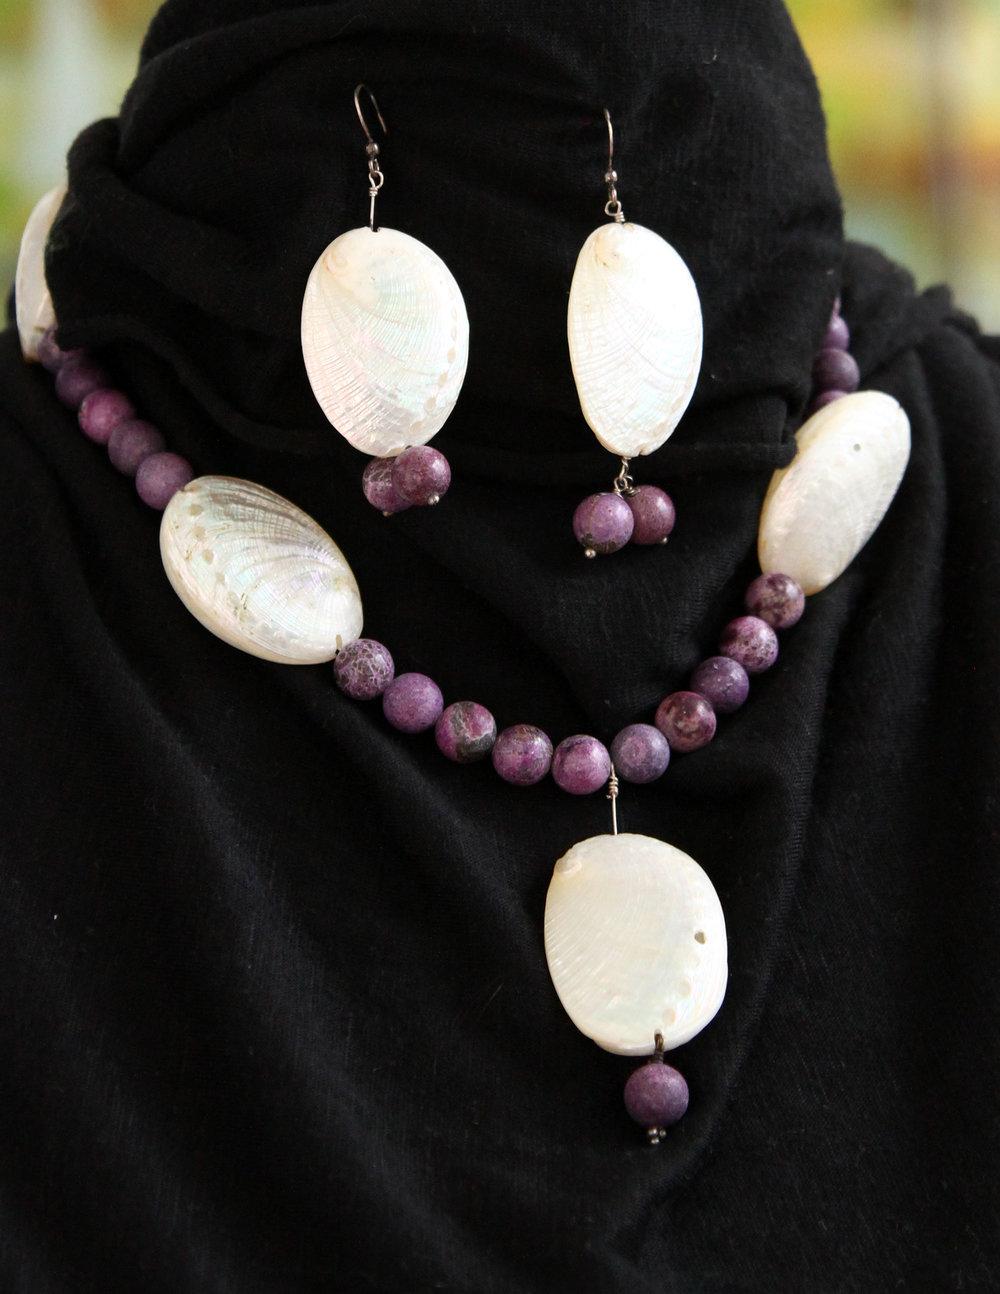 semi-preciousnecklace-earrings_001.JPG